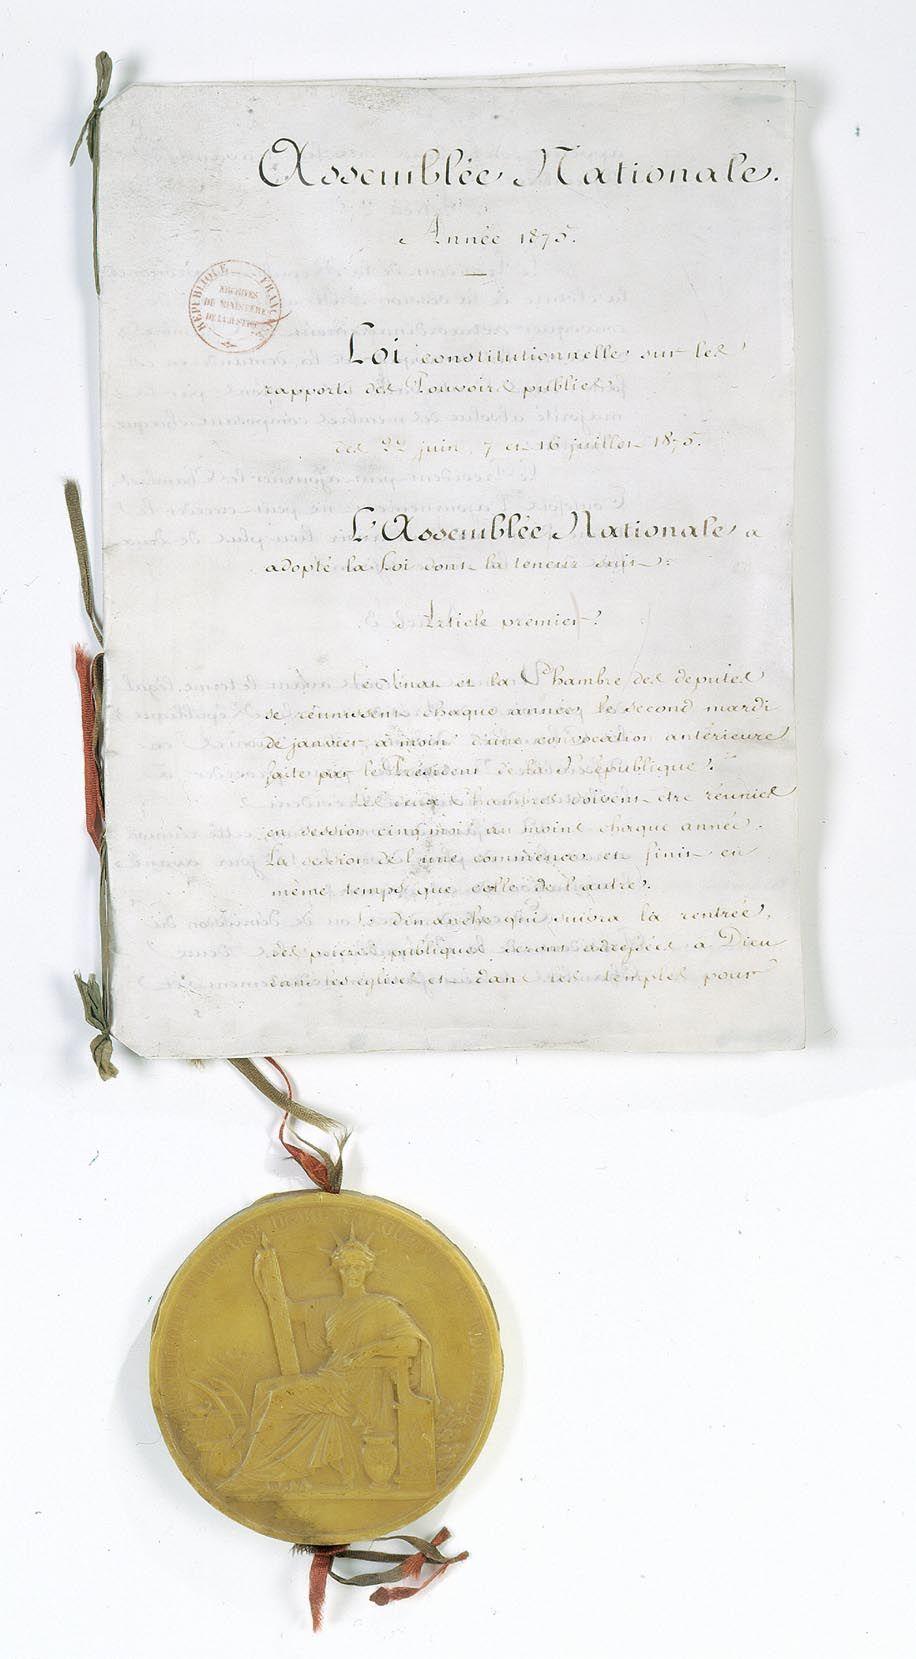 Constitution De 1875 Loi Constitutionnelle Des 22 Juin 7 Juillet Et 16 Juillet 1875 Relative Aux Rapports Des Pouvoirs Publics Loi 22 Juin Rapport